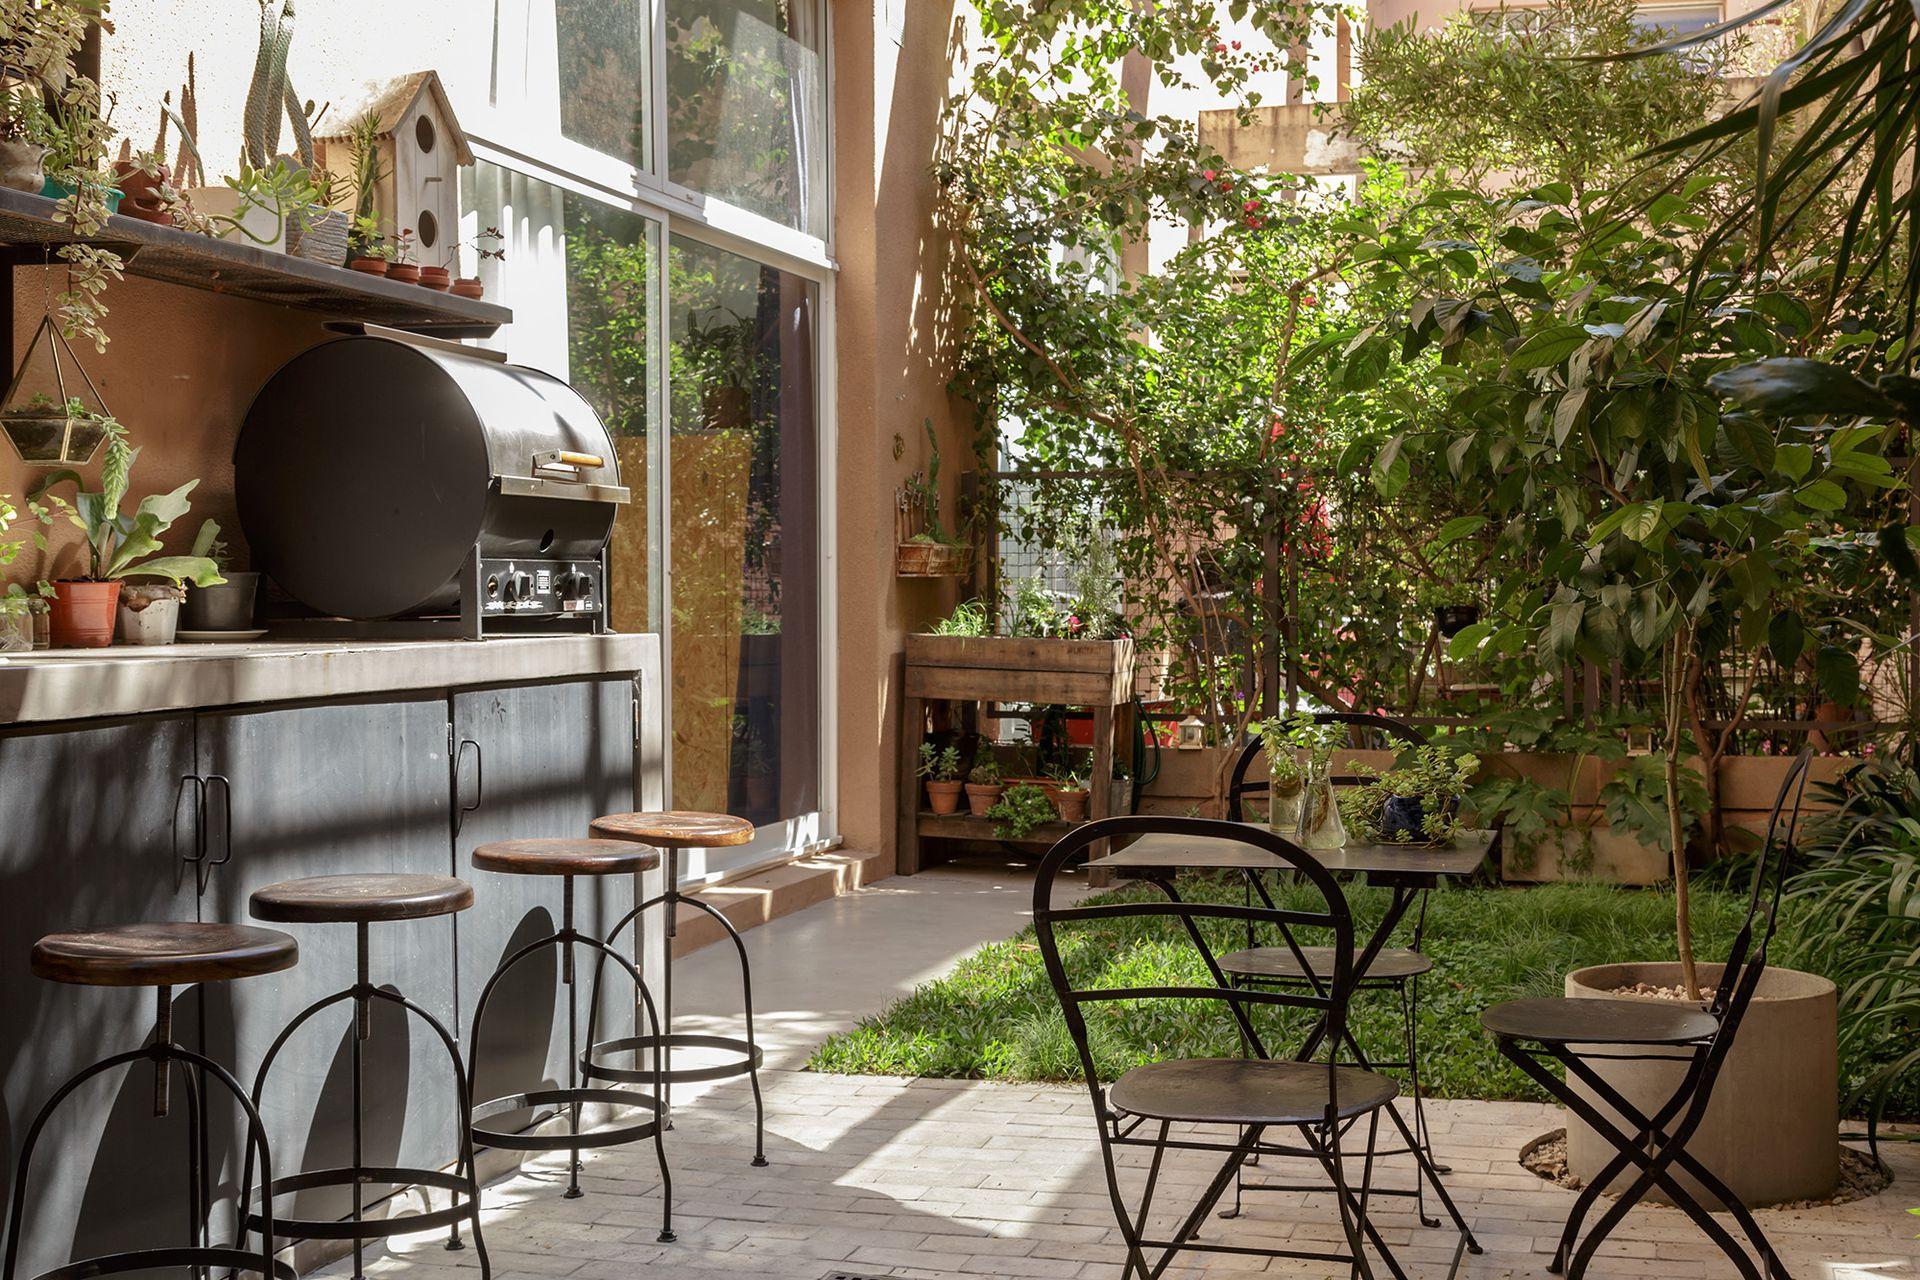 Junto a la salida desde la cocina, huerta con aromáticas (Plantero) y pisada de grama bahiana.